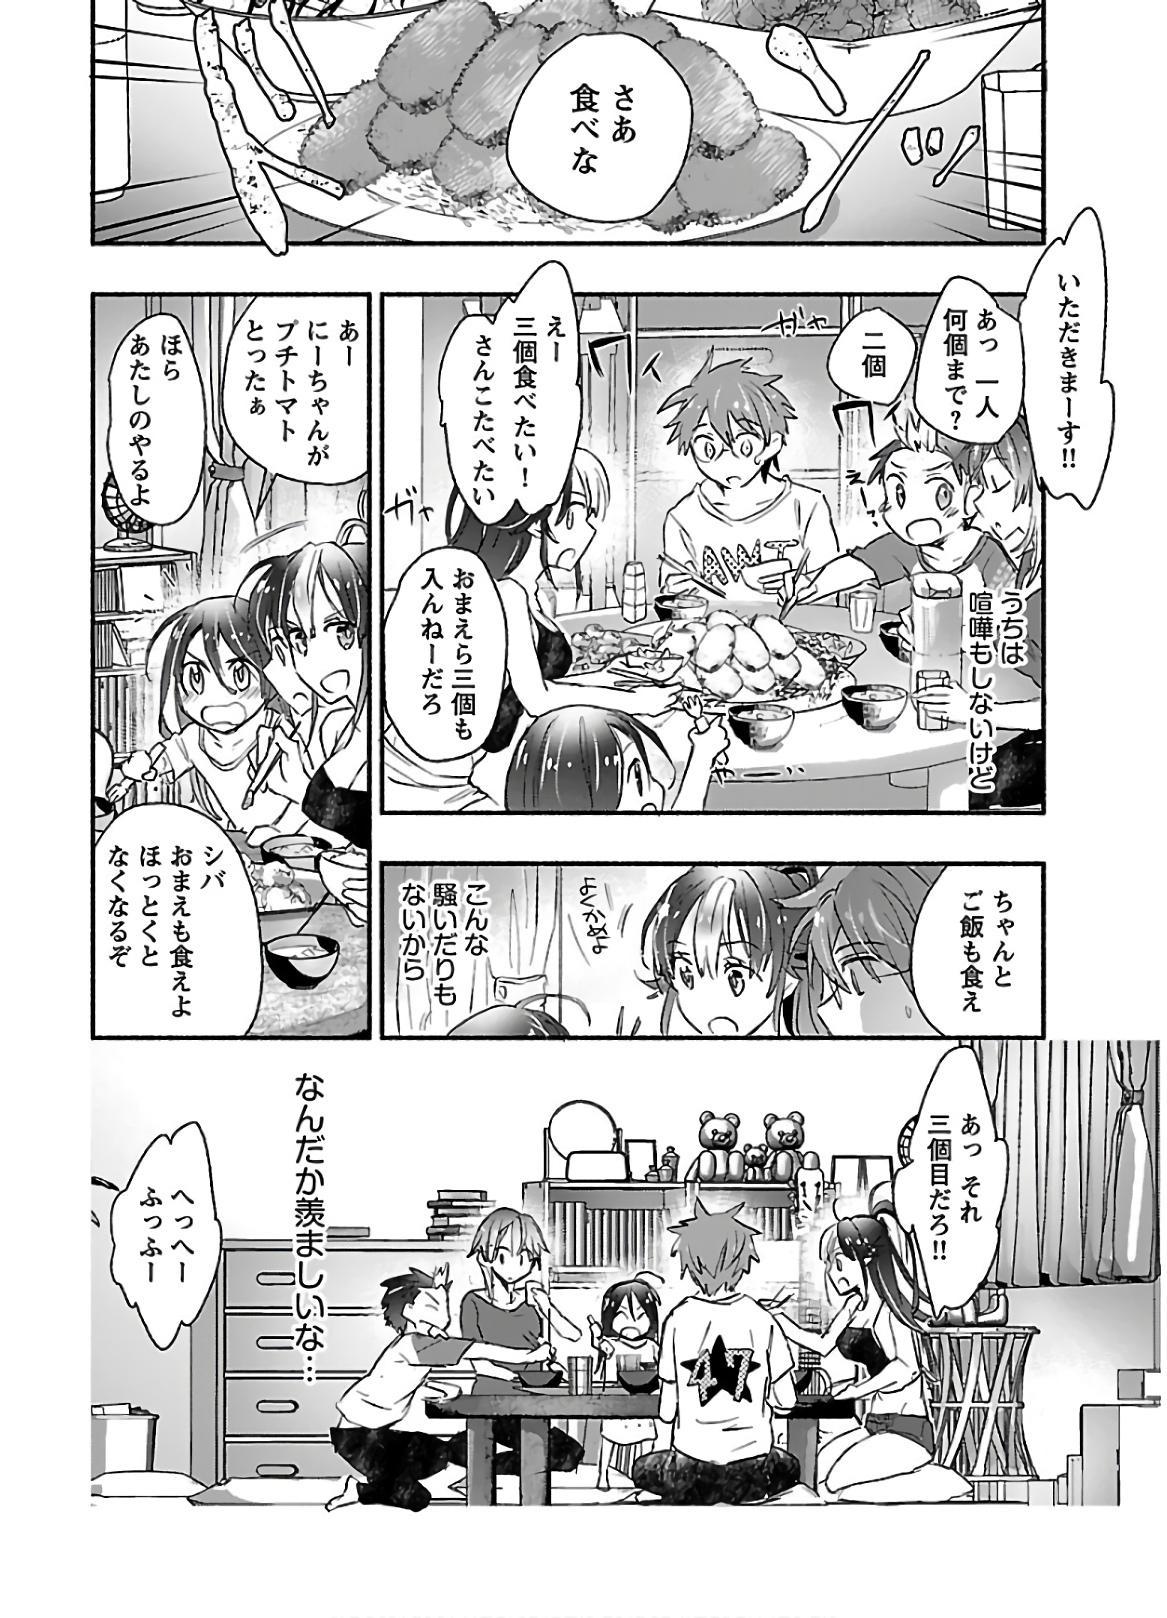 Yankii musume ni natsukarete kotoshi mo juken ni shippai shisou desu  vol.1 129